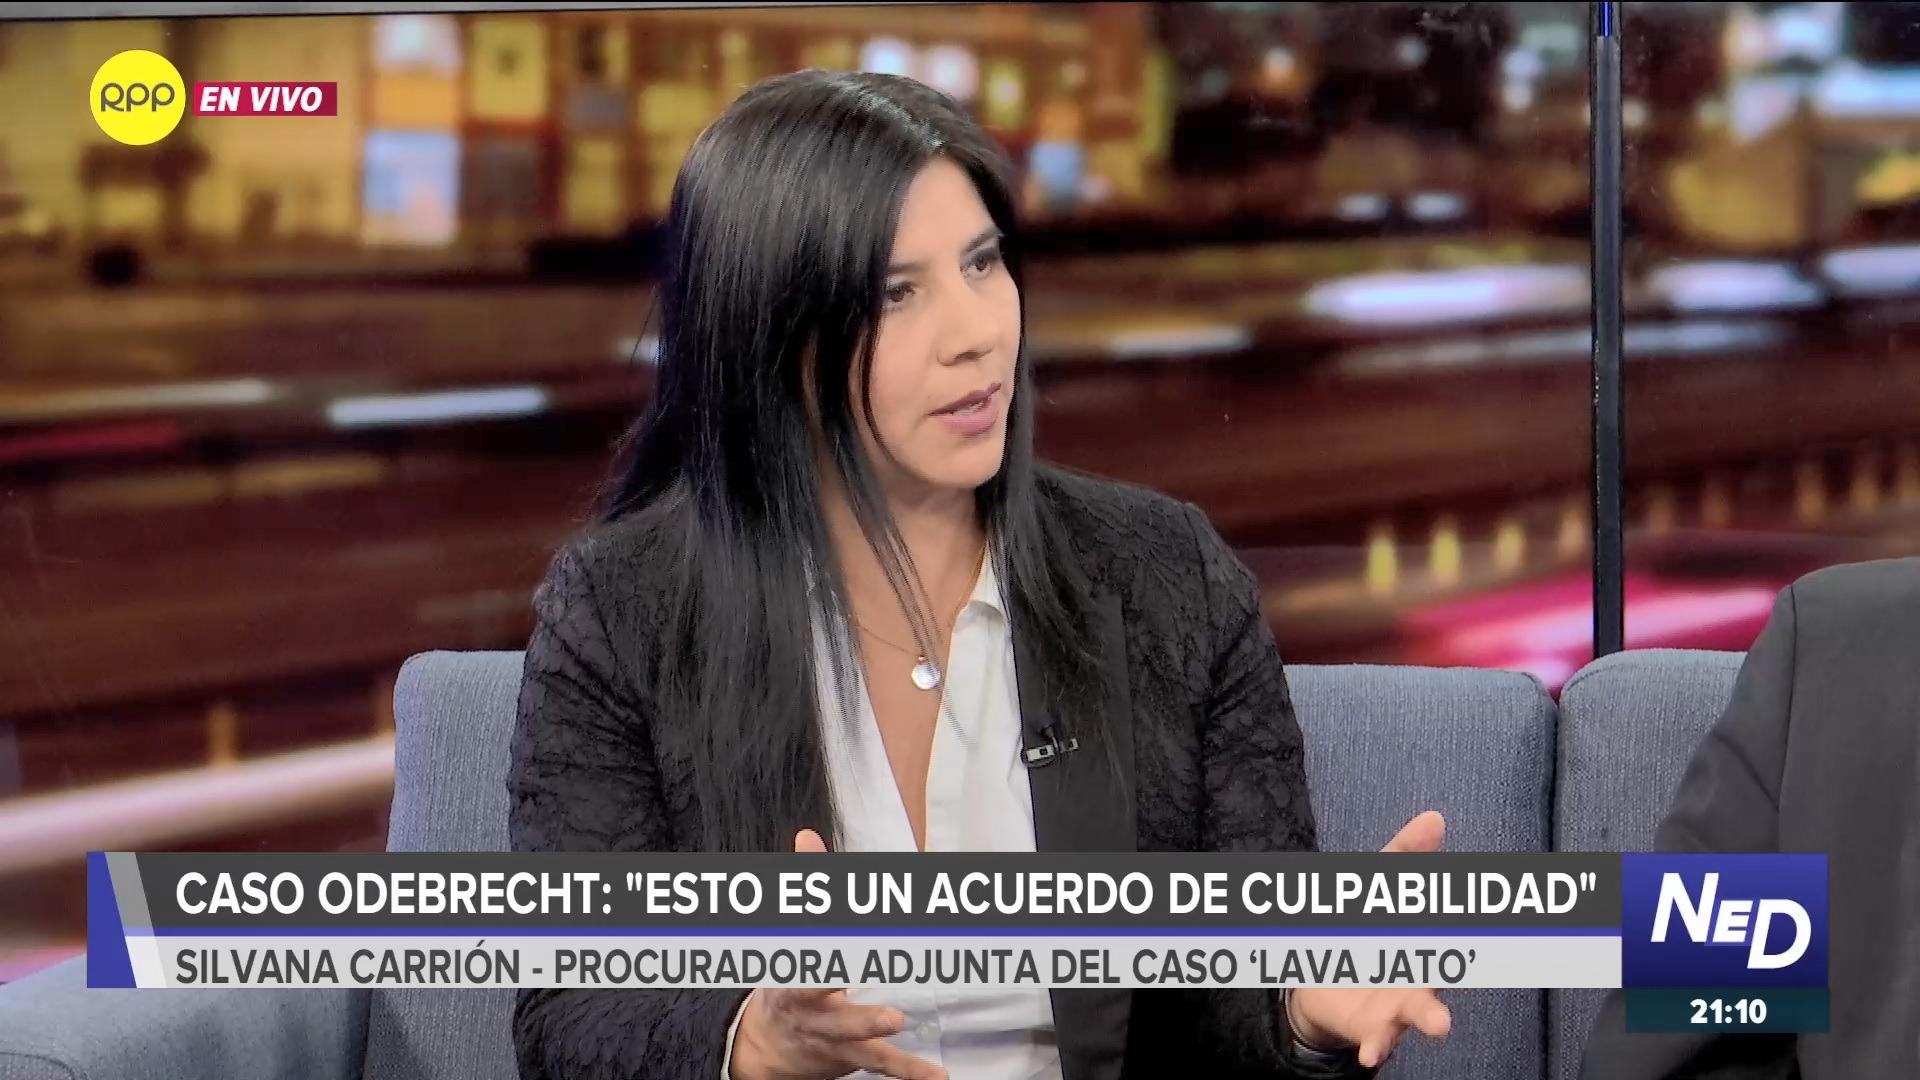 La procuradora Carrión comentó que existen cláusulas para que la Fiscalía investigue más proyectos en los que esté involucrado Odebrecht.